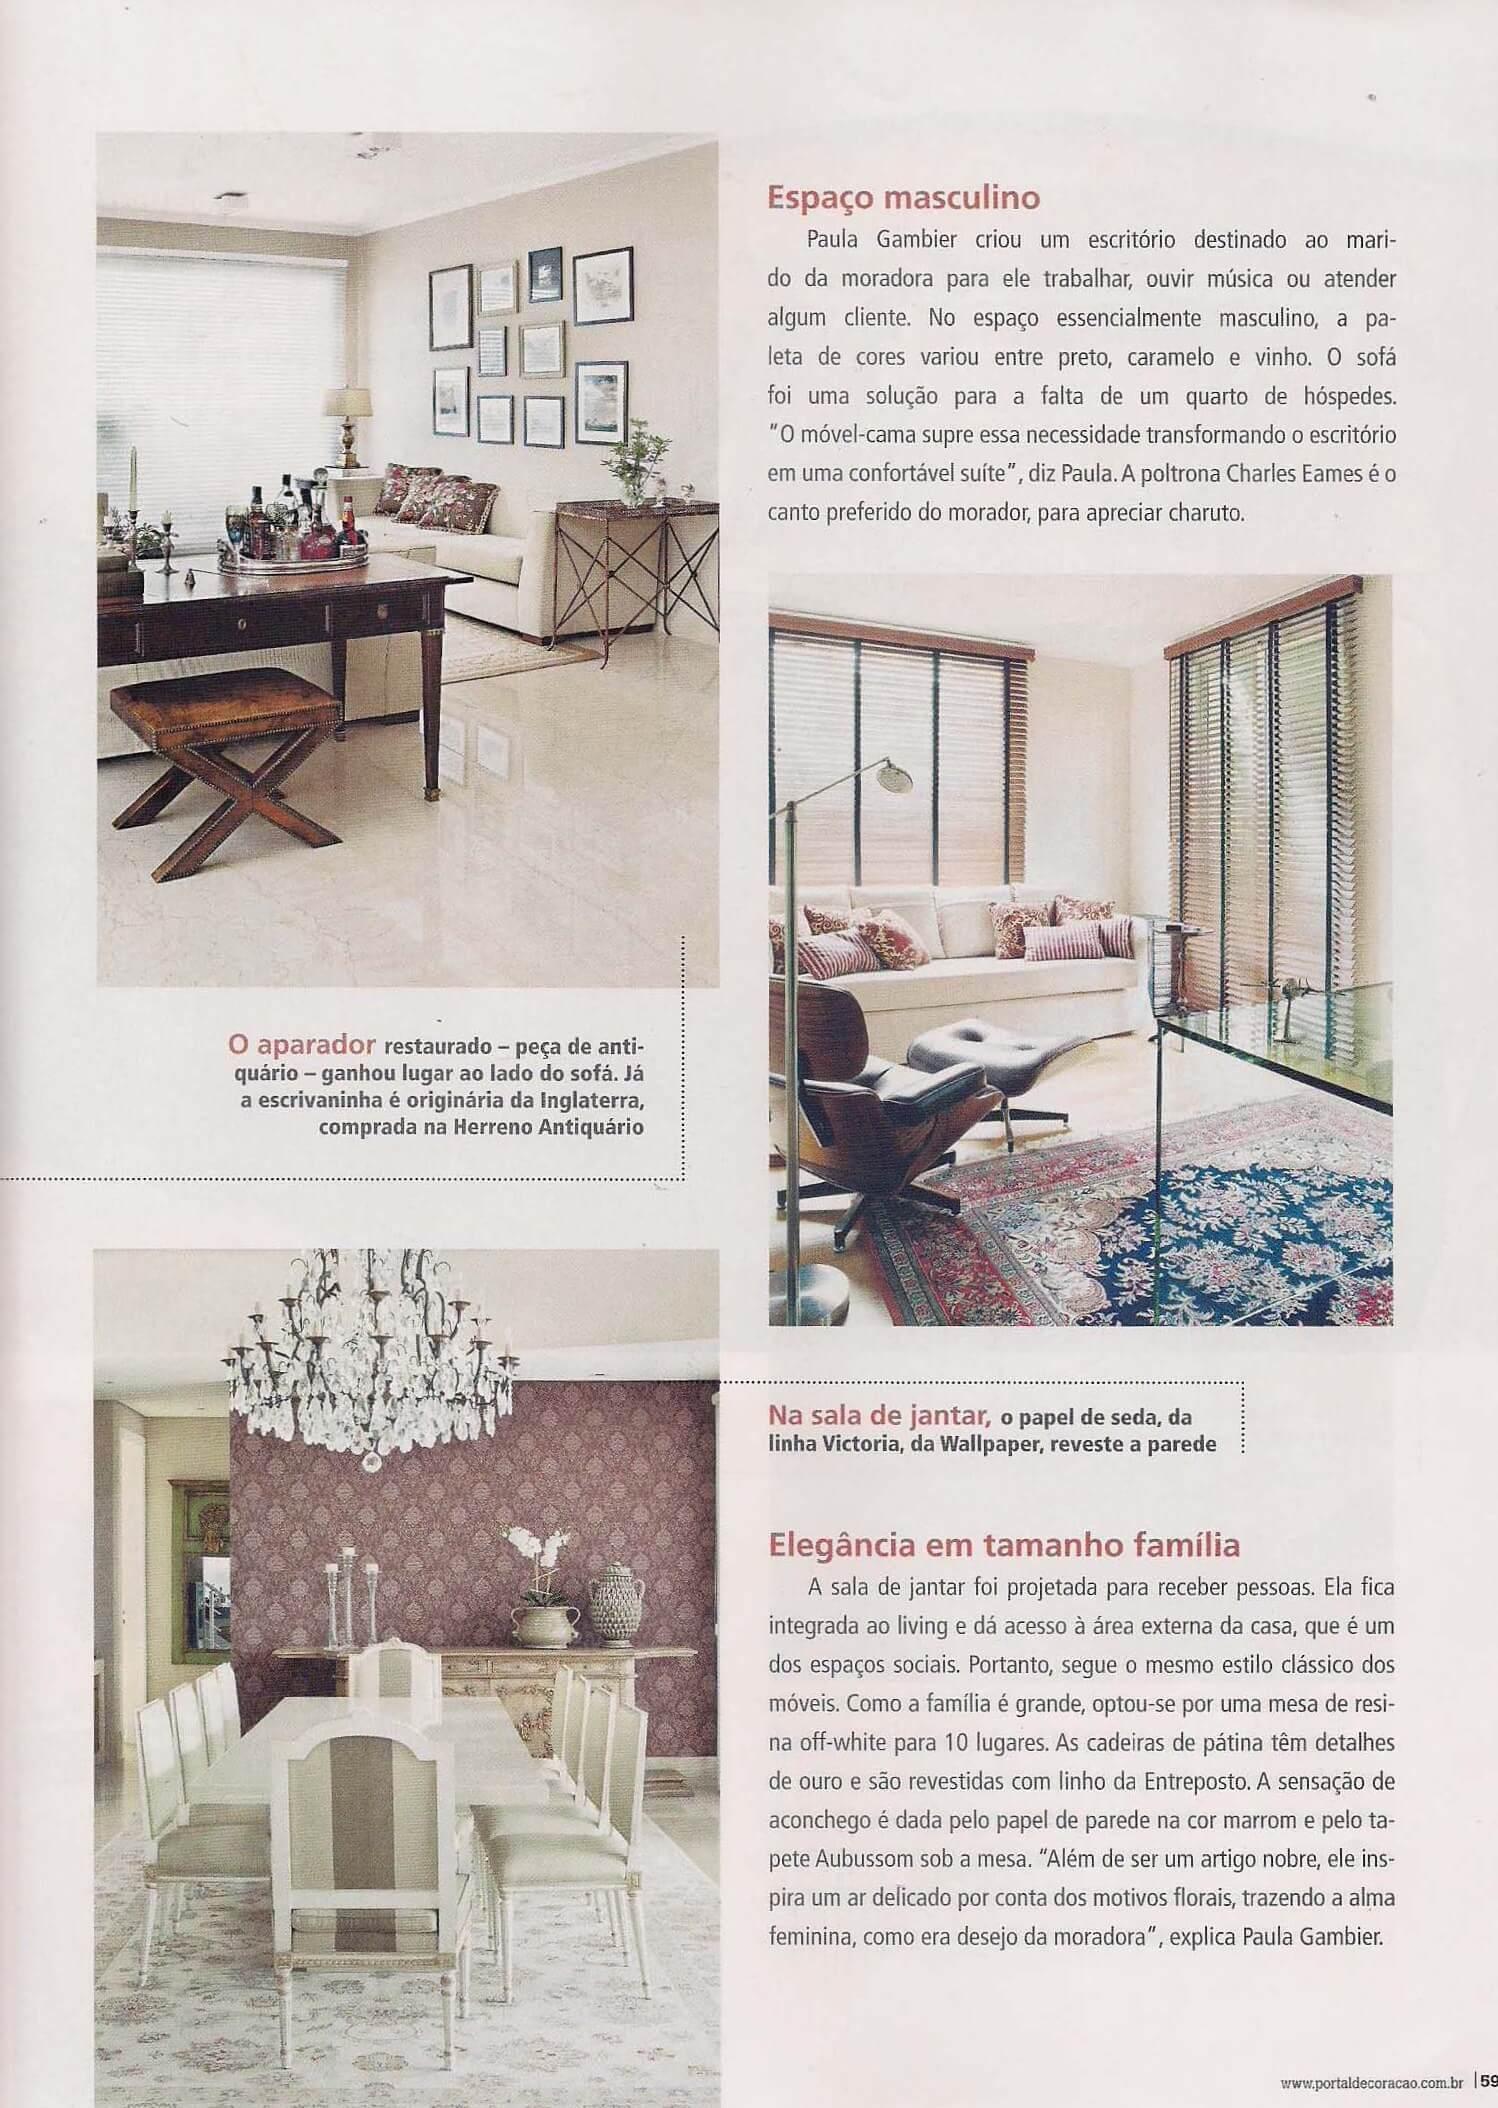 Casa & Decoracao   - out  2012 - 3